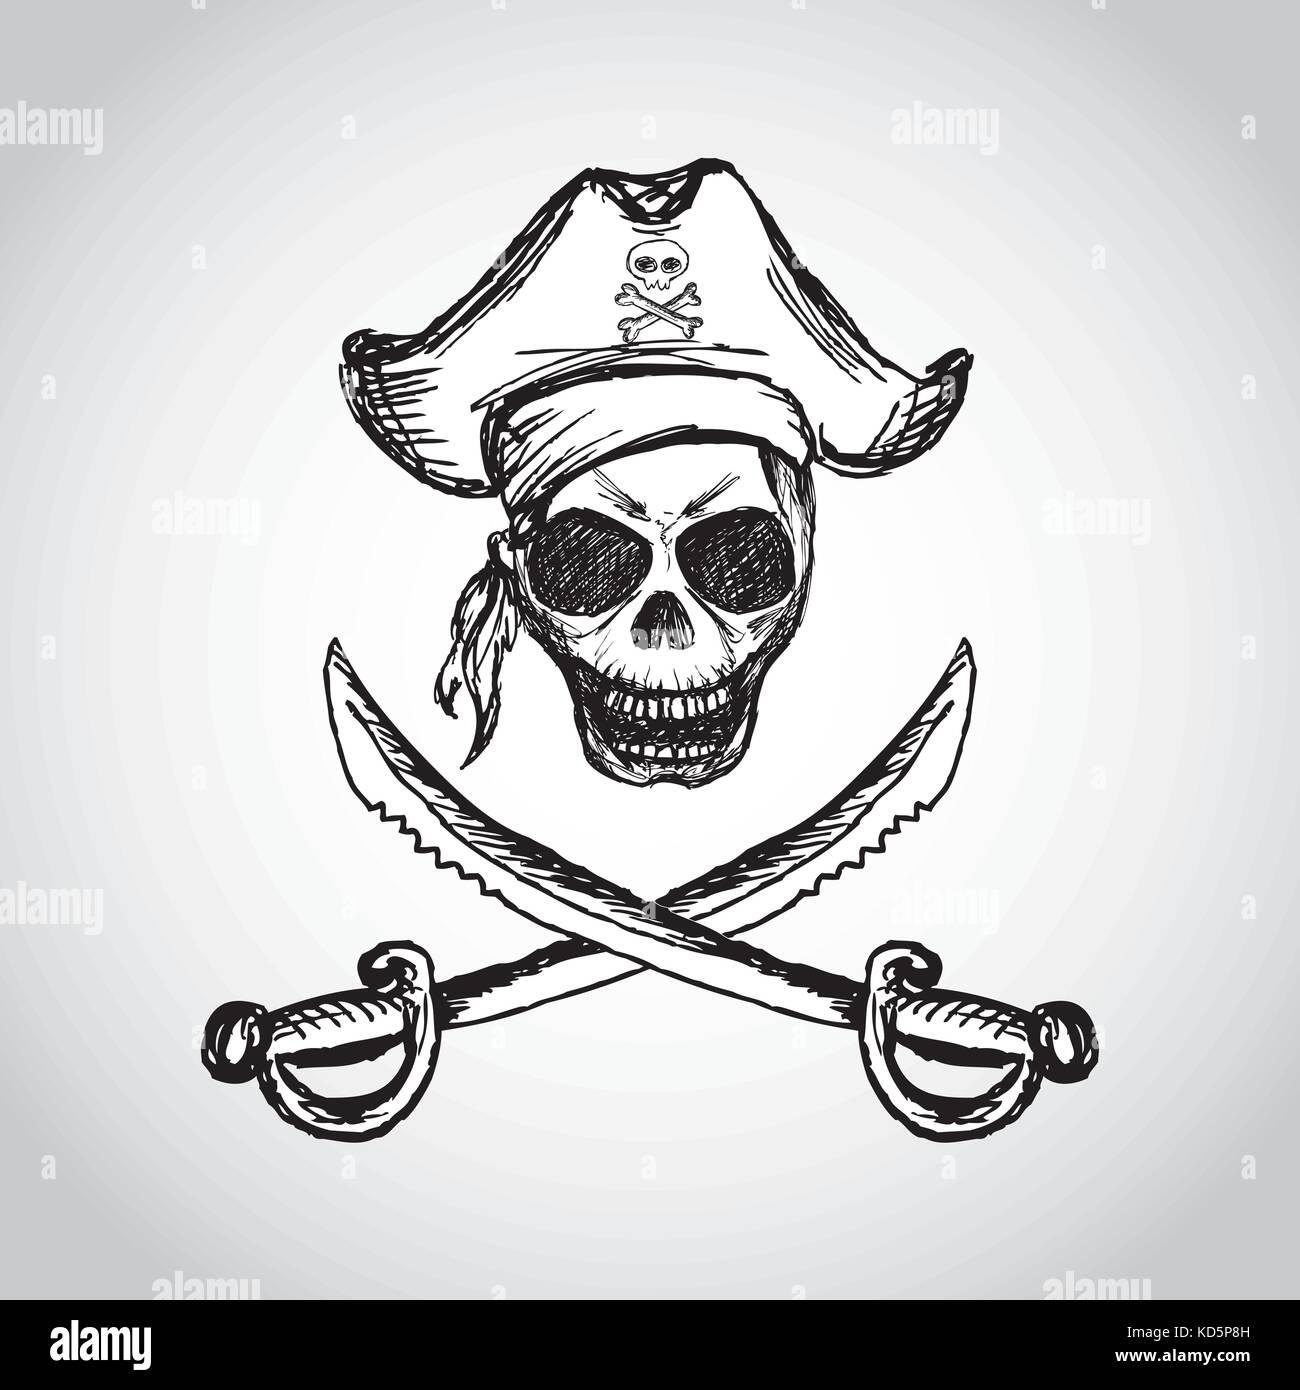 Pirate calavera con sombrero y espadas cruzadas eaac4d9b3b4